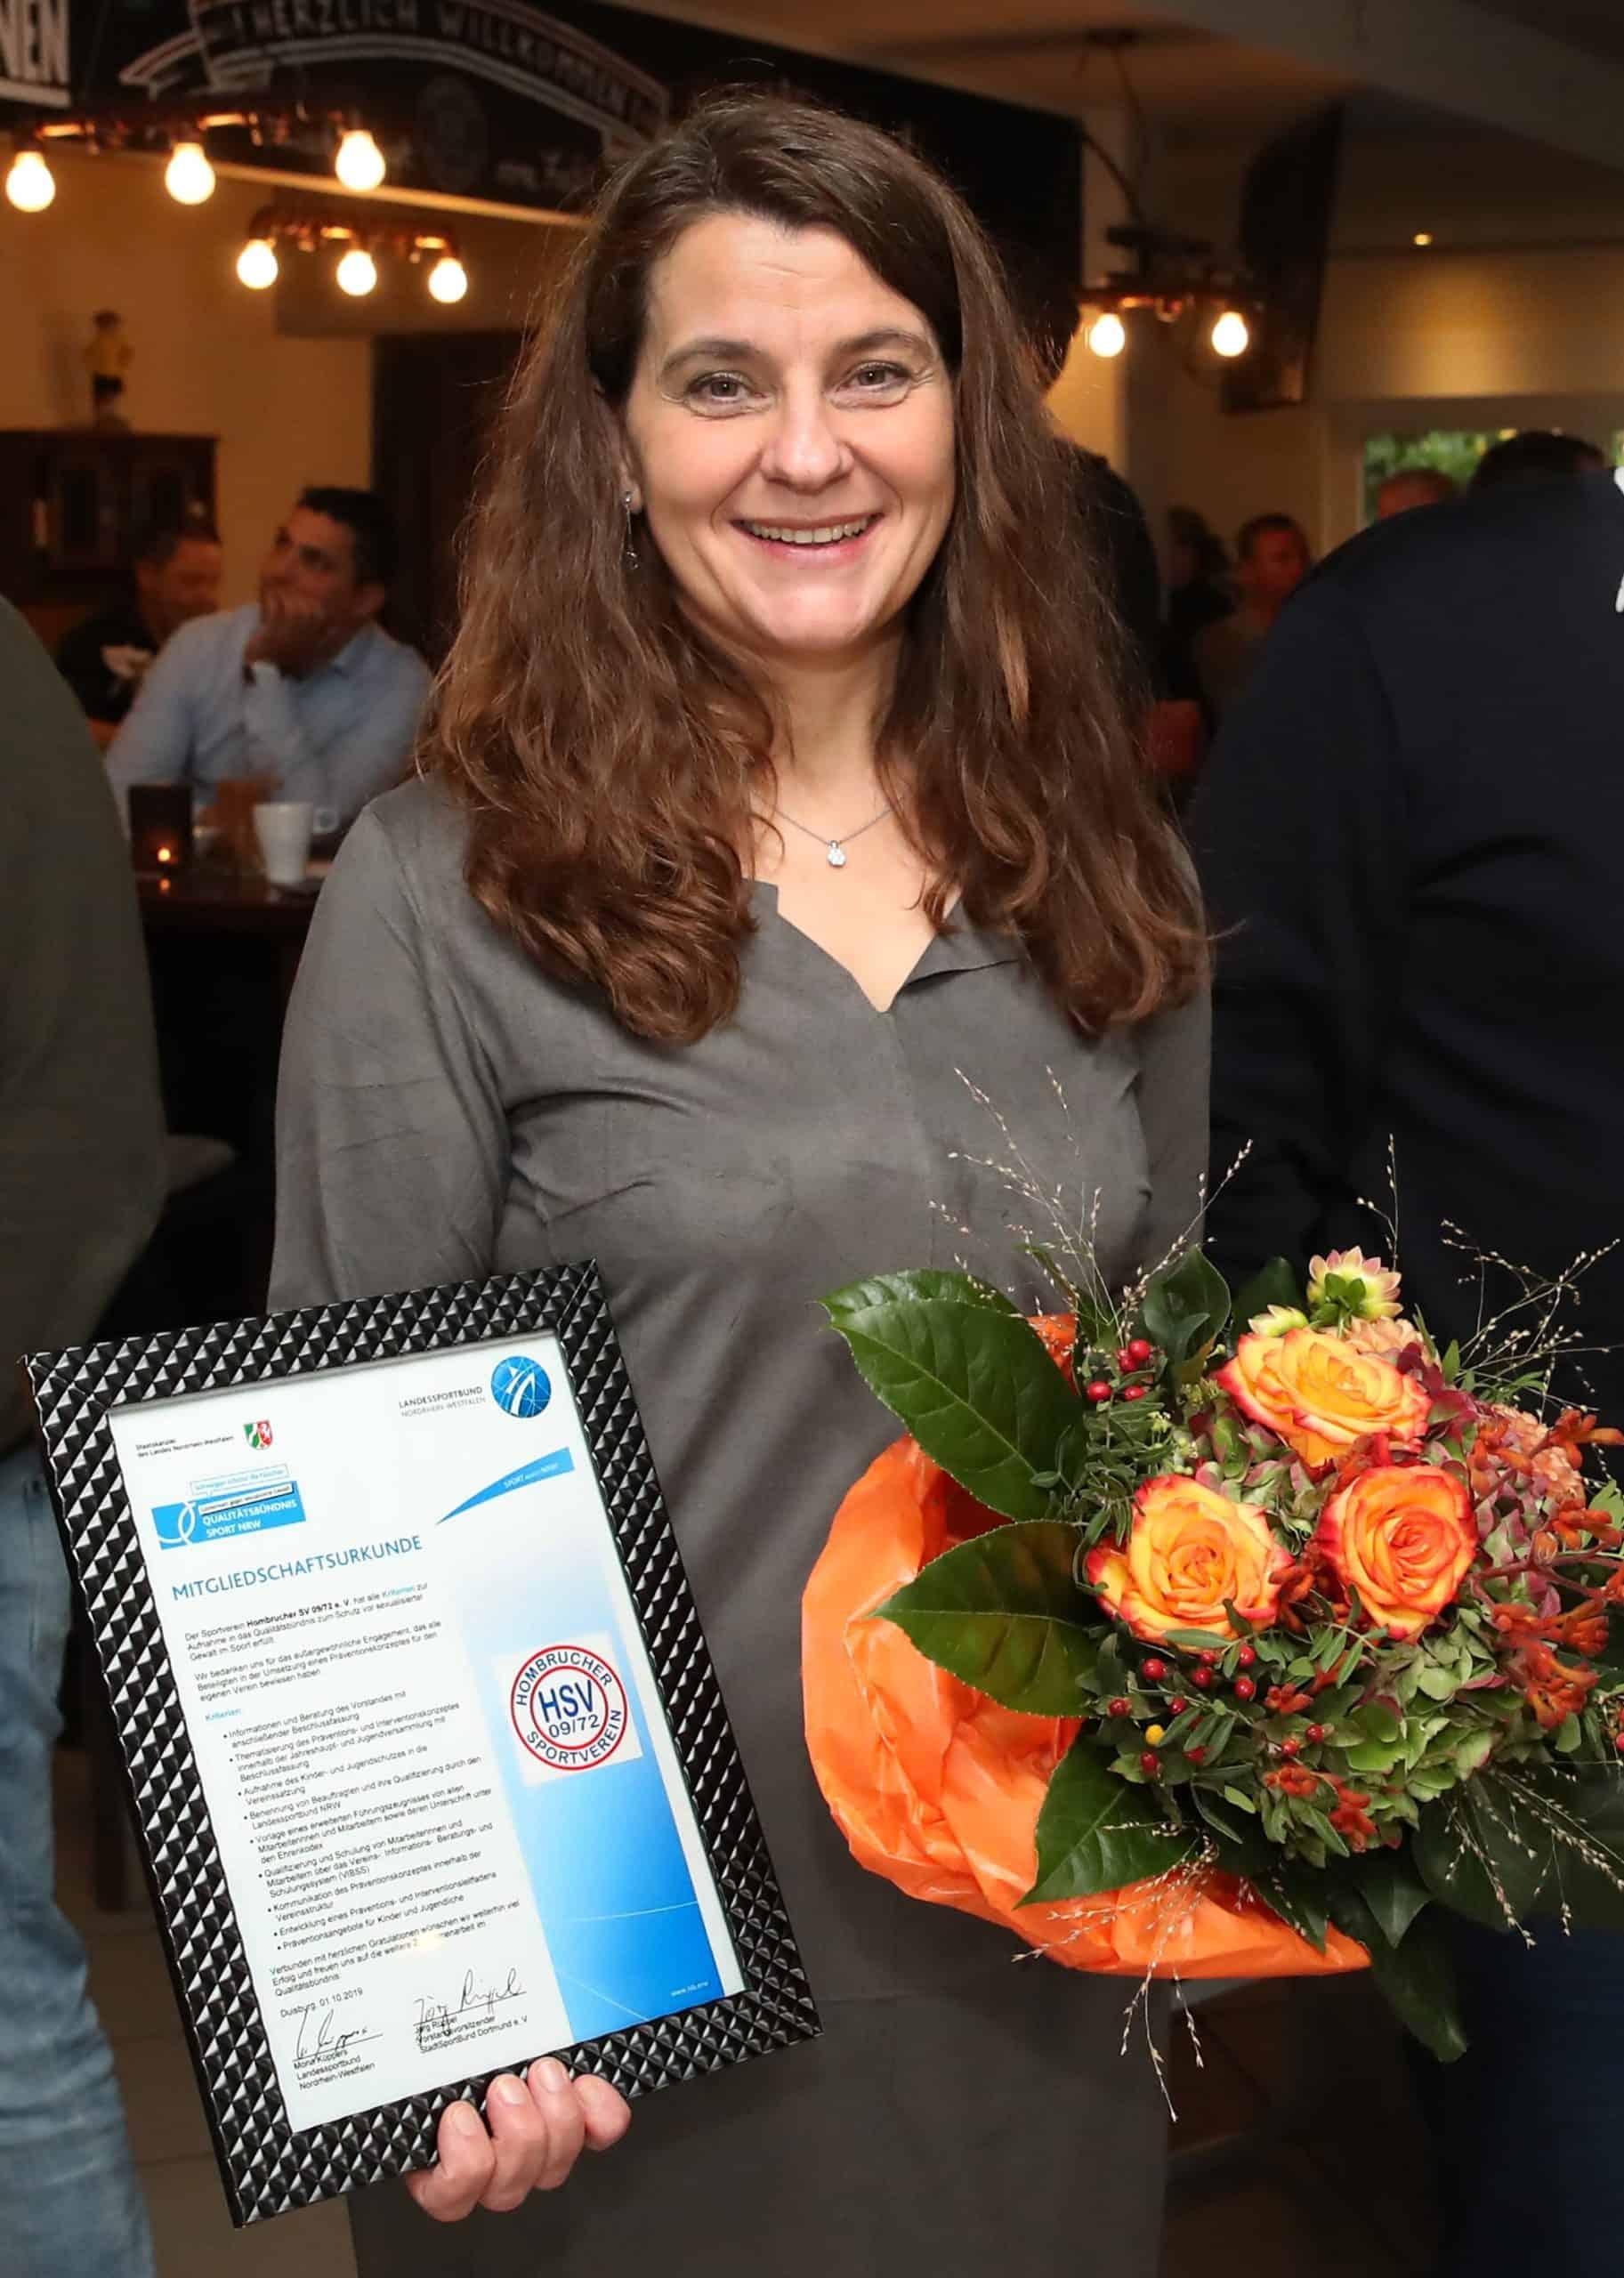 Andrea mit Auszeichnung und Blumenstrauß